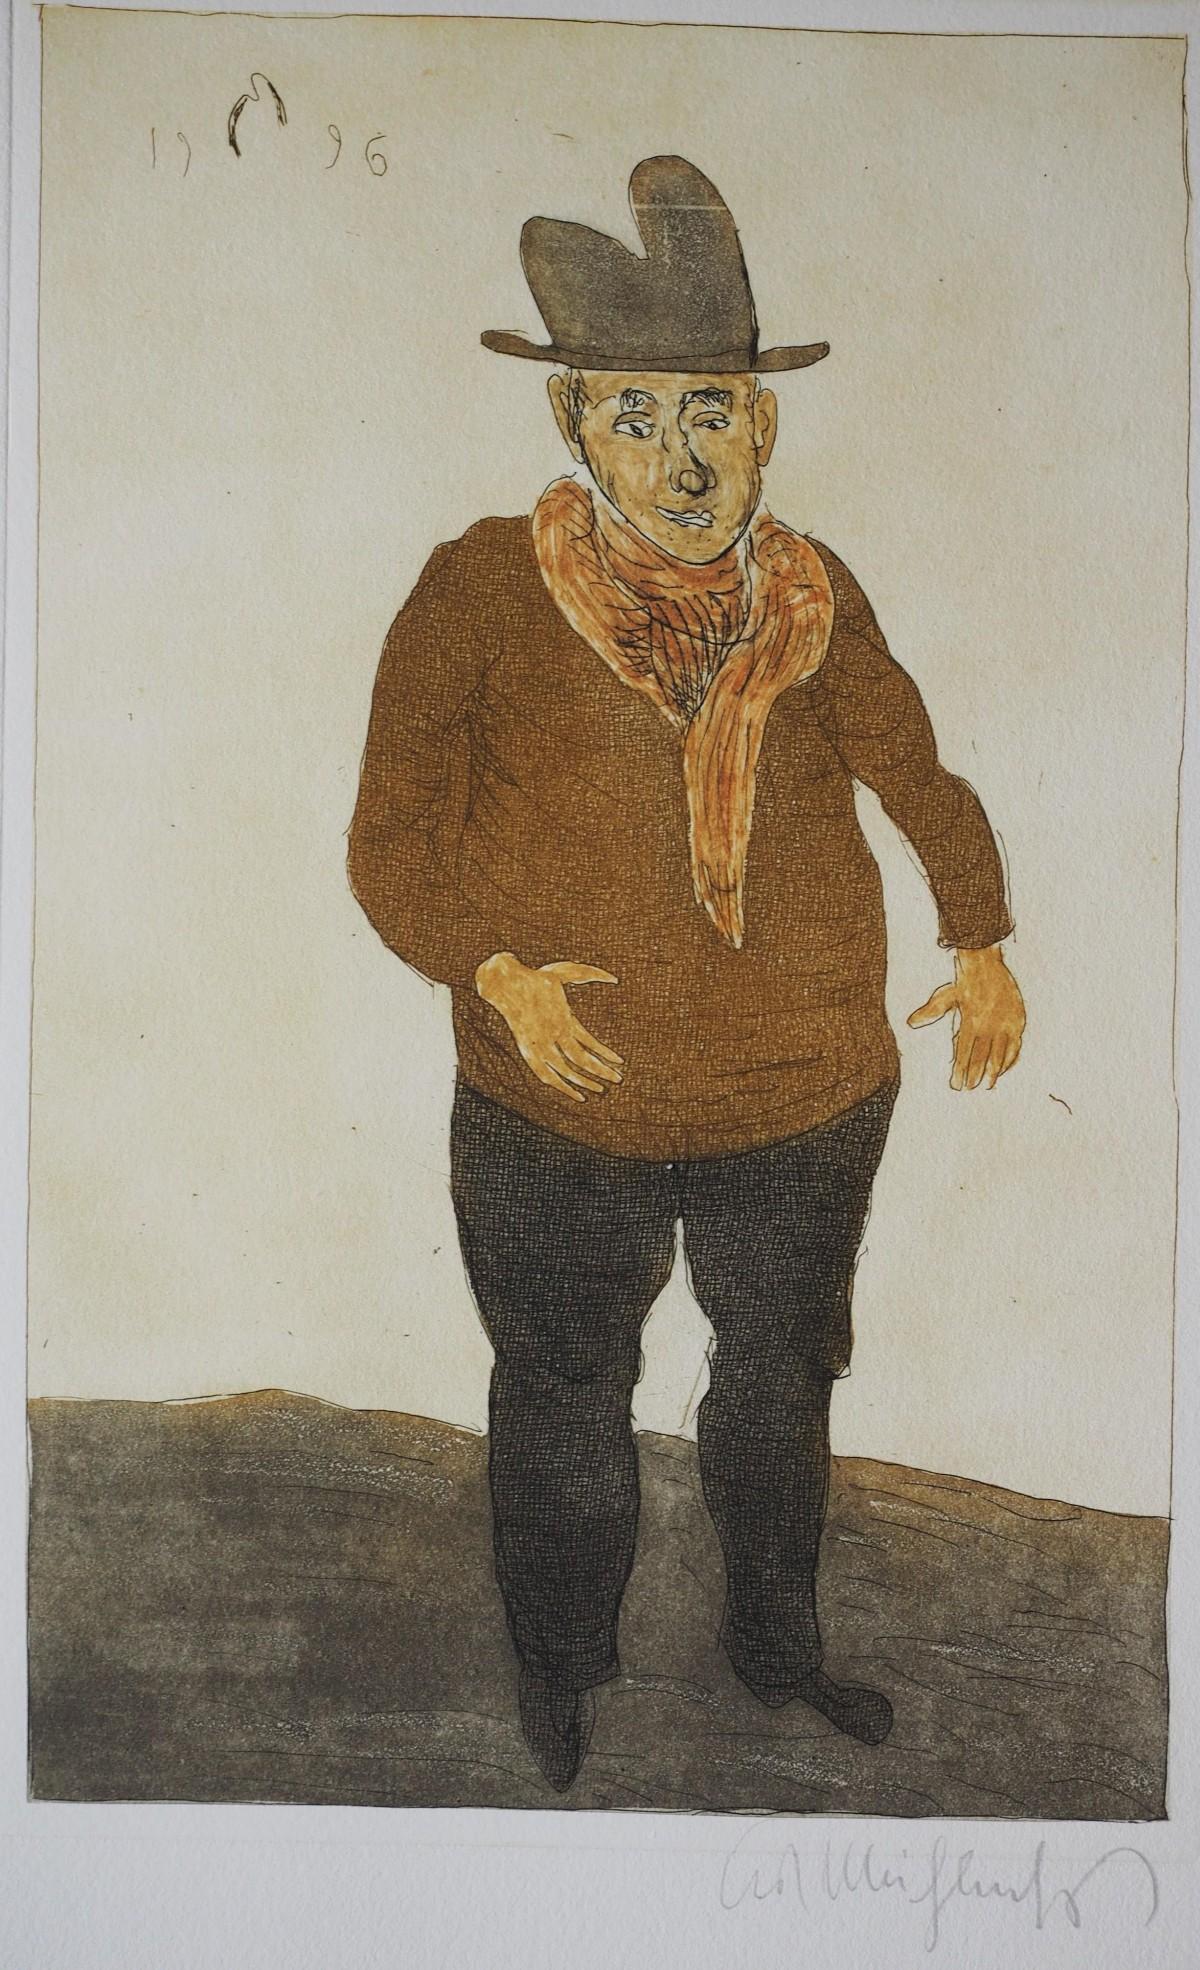 Kurt Muhlenhaupt - Mann mit Hut, Selbstbildnis, Farbradierung 1996 kopen? Bied vanaf 90!